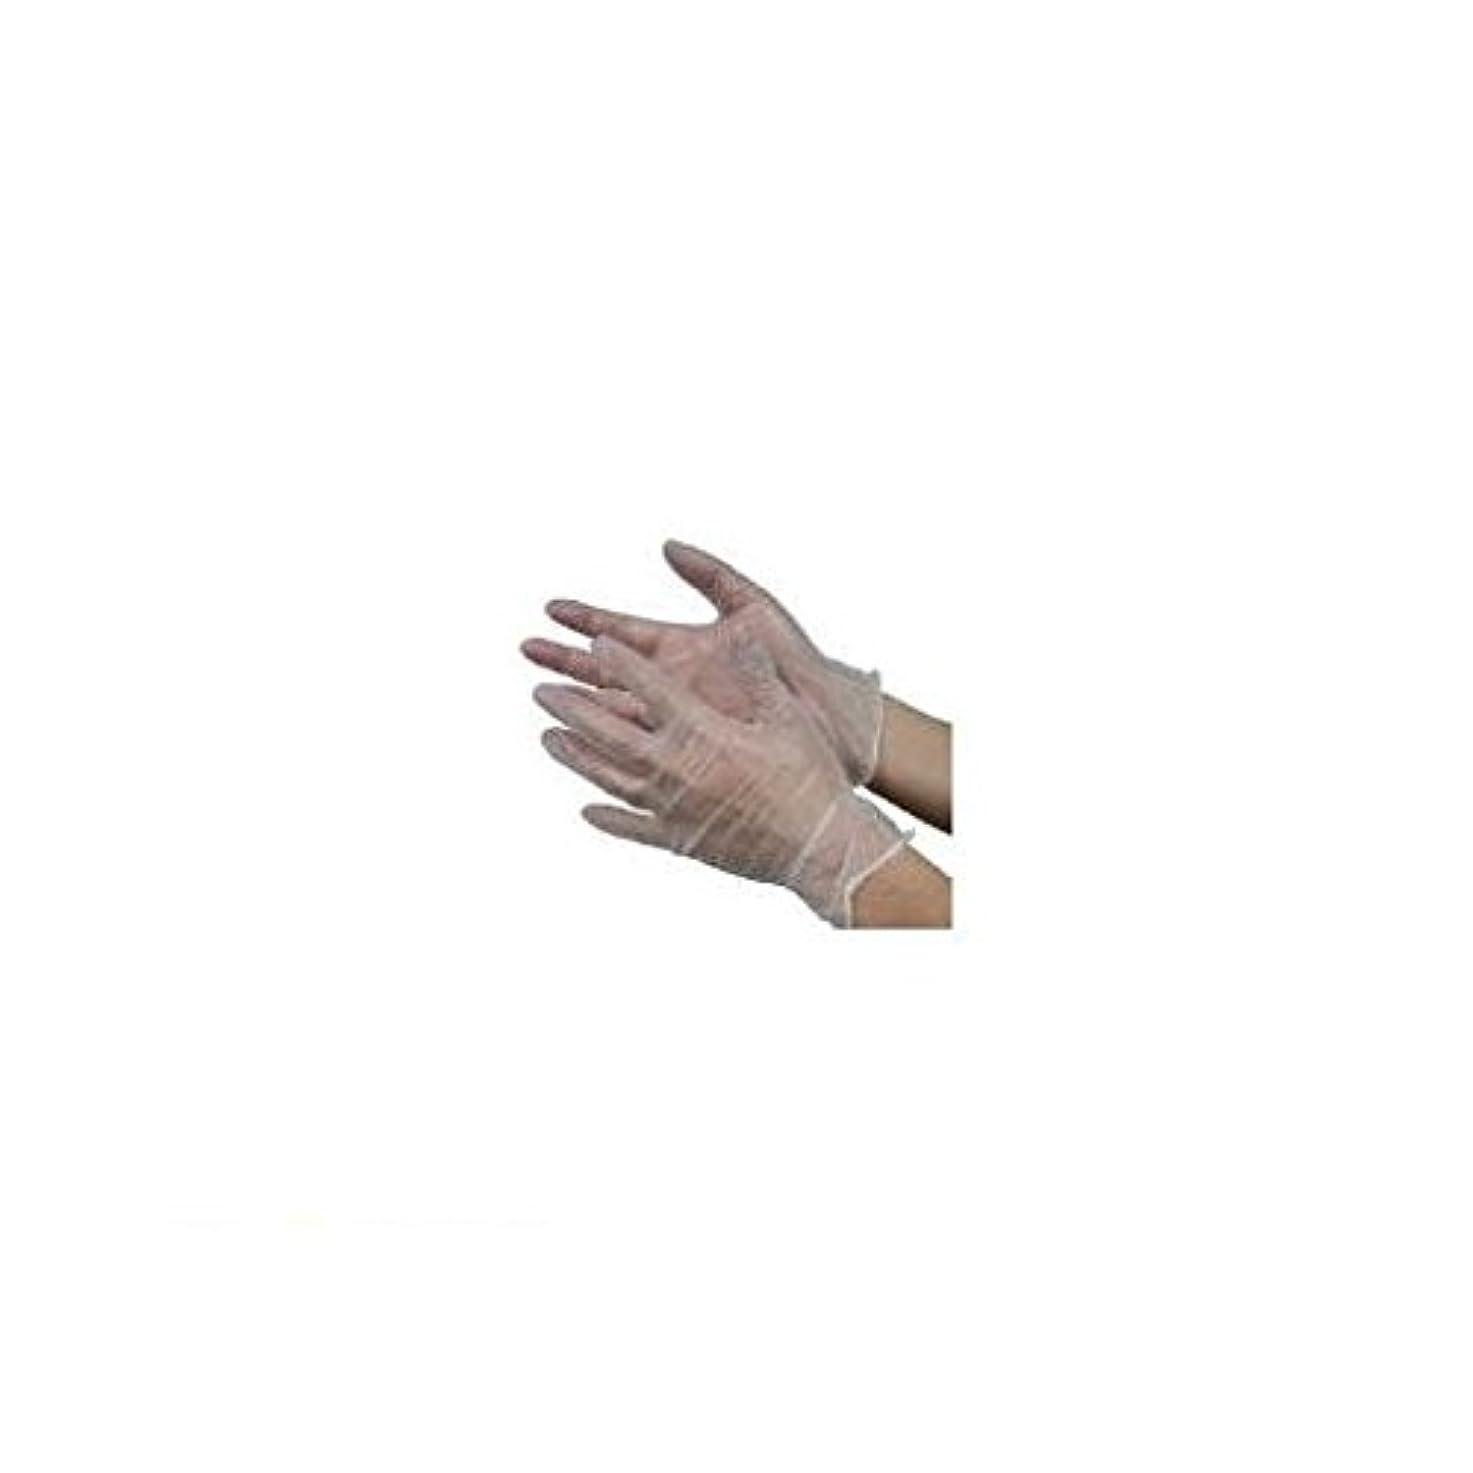 概要太い保全AS56586 モデルローブビニール使いきり手袋【粉つき】L 100枚入 NO930